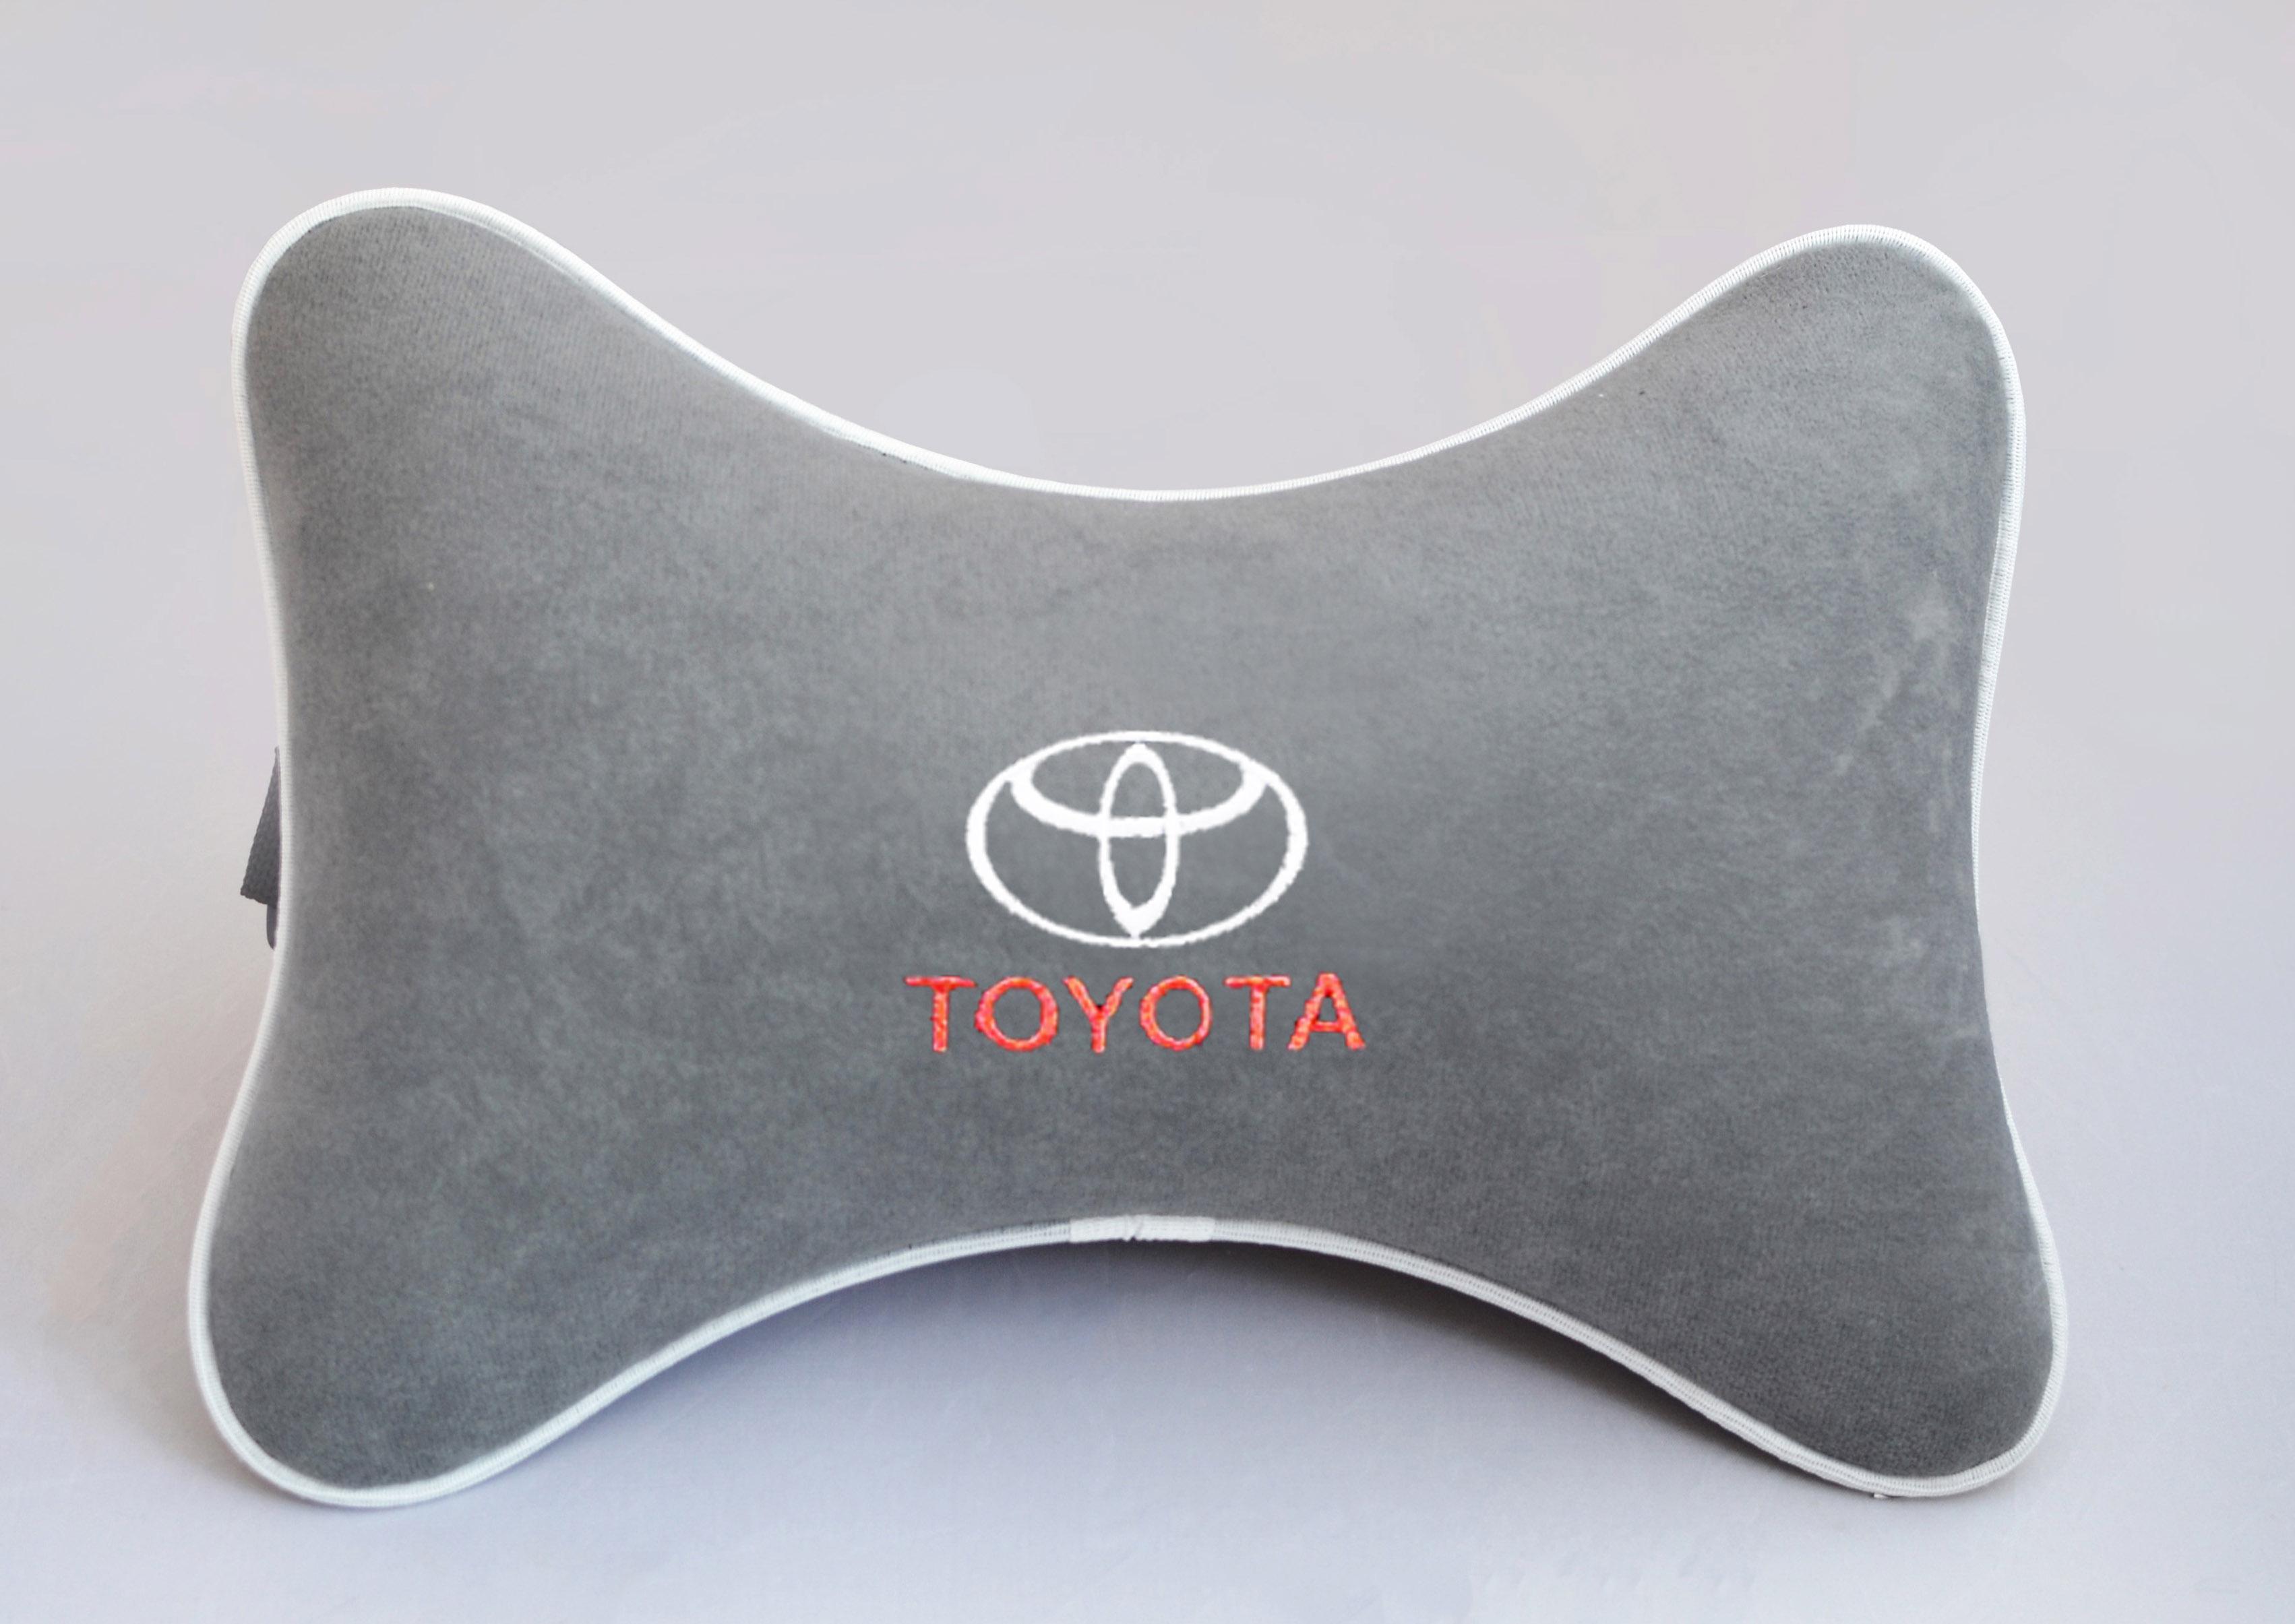 Подушка на подголовник из серого велюра TOYOTA